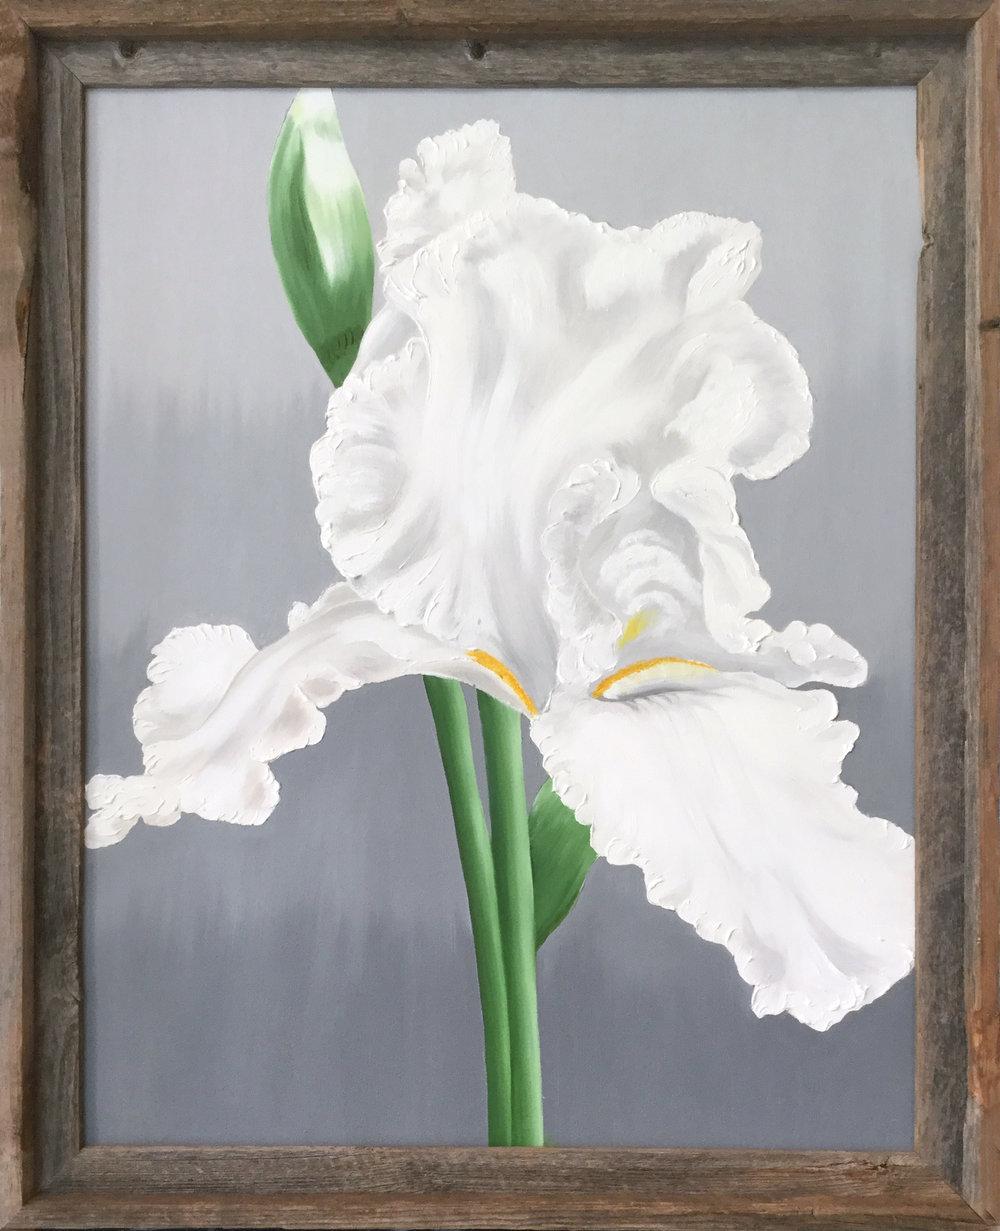 White Iris  2016 Oil on canvas 28 x 22 inches